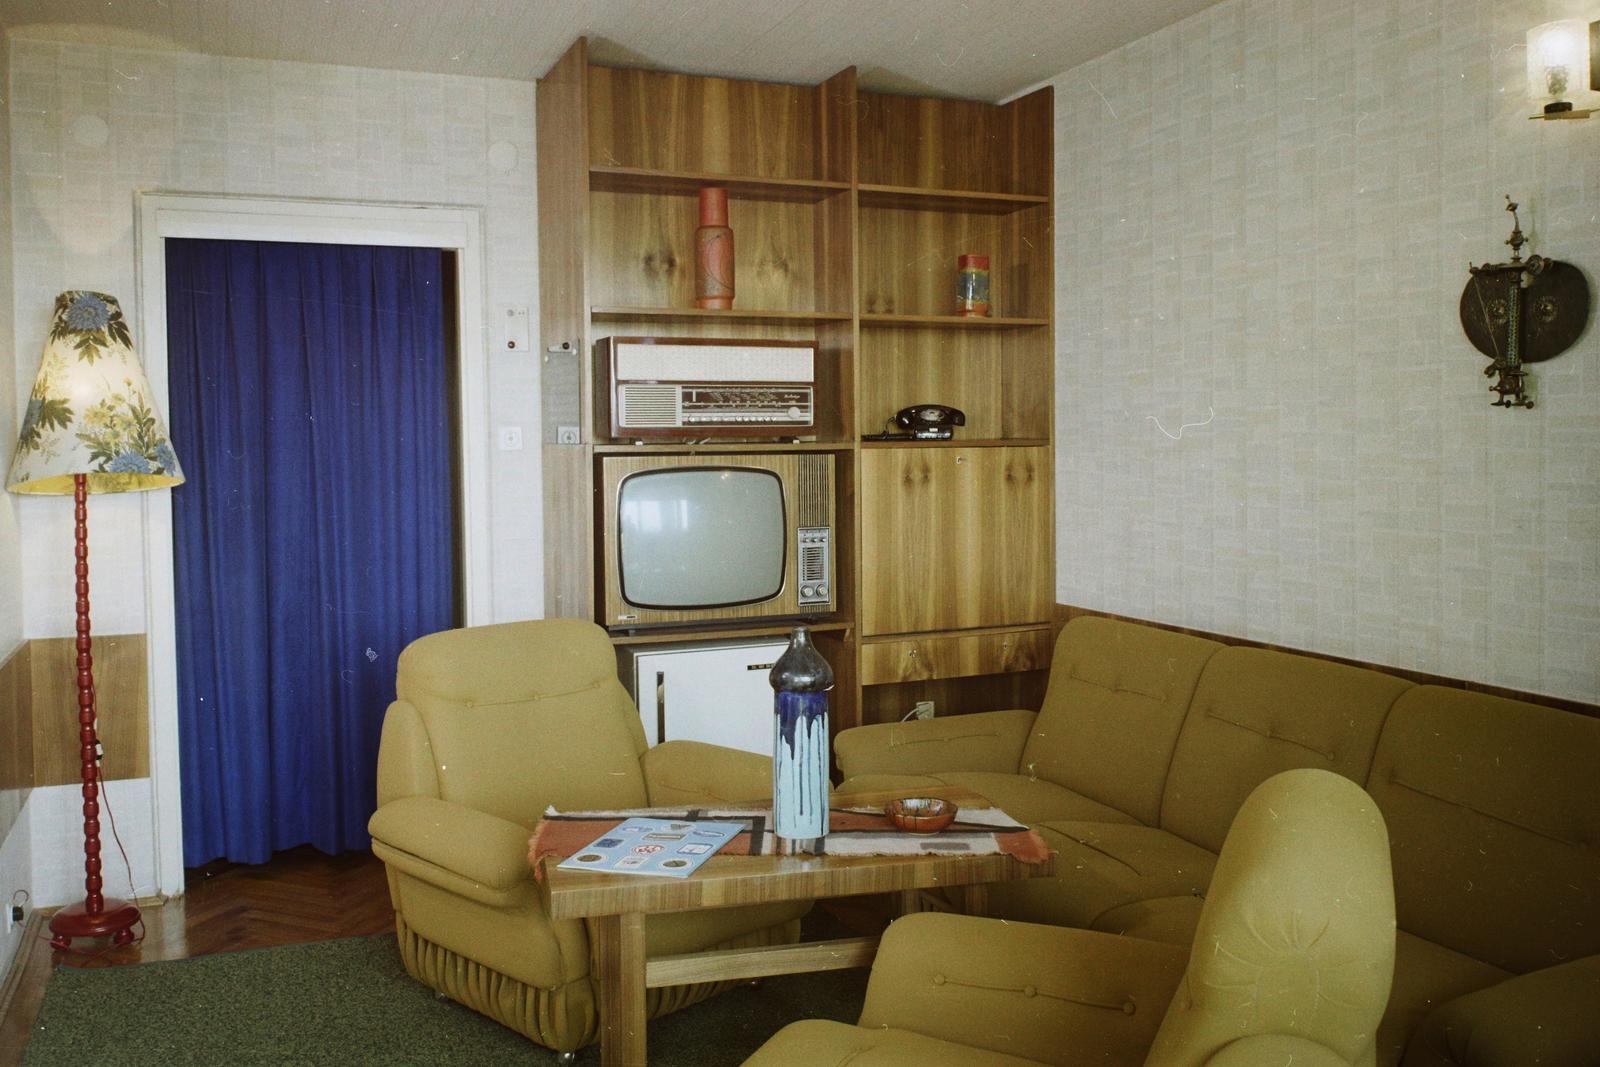 Televízió, hatalmas, korszerű rádiókészülék és klasszikus, spirálzsinóros telefon a polcon a Hotel Aero egyik szobájában. (Fotó: Fortepan)